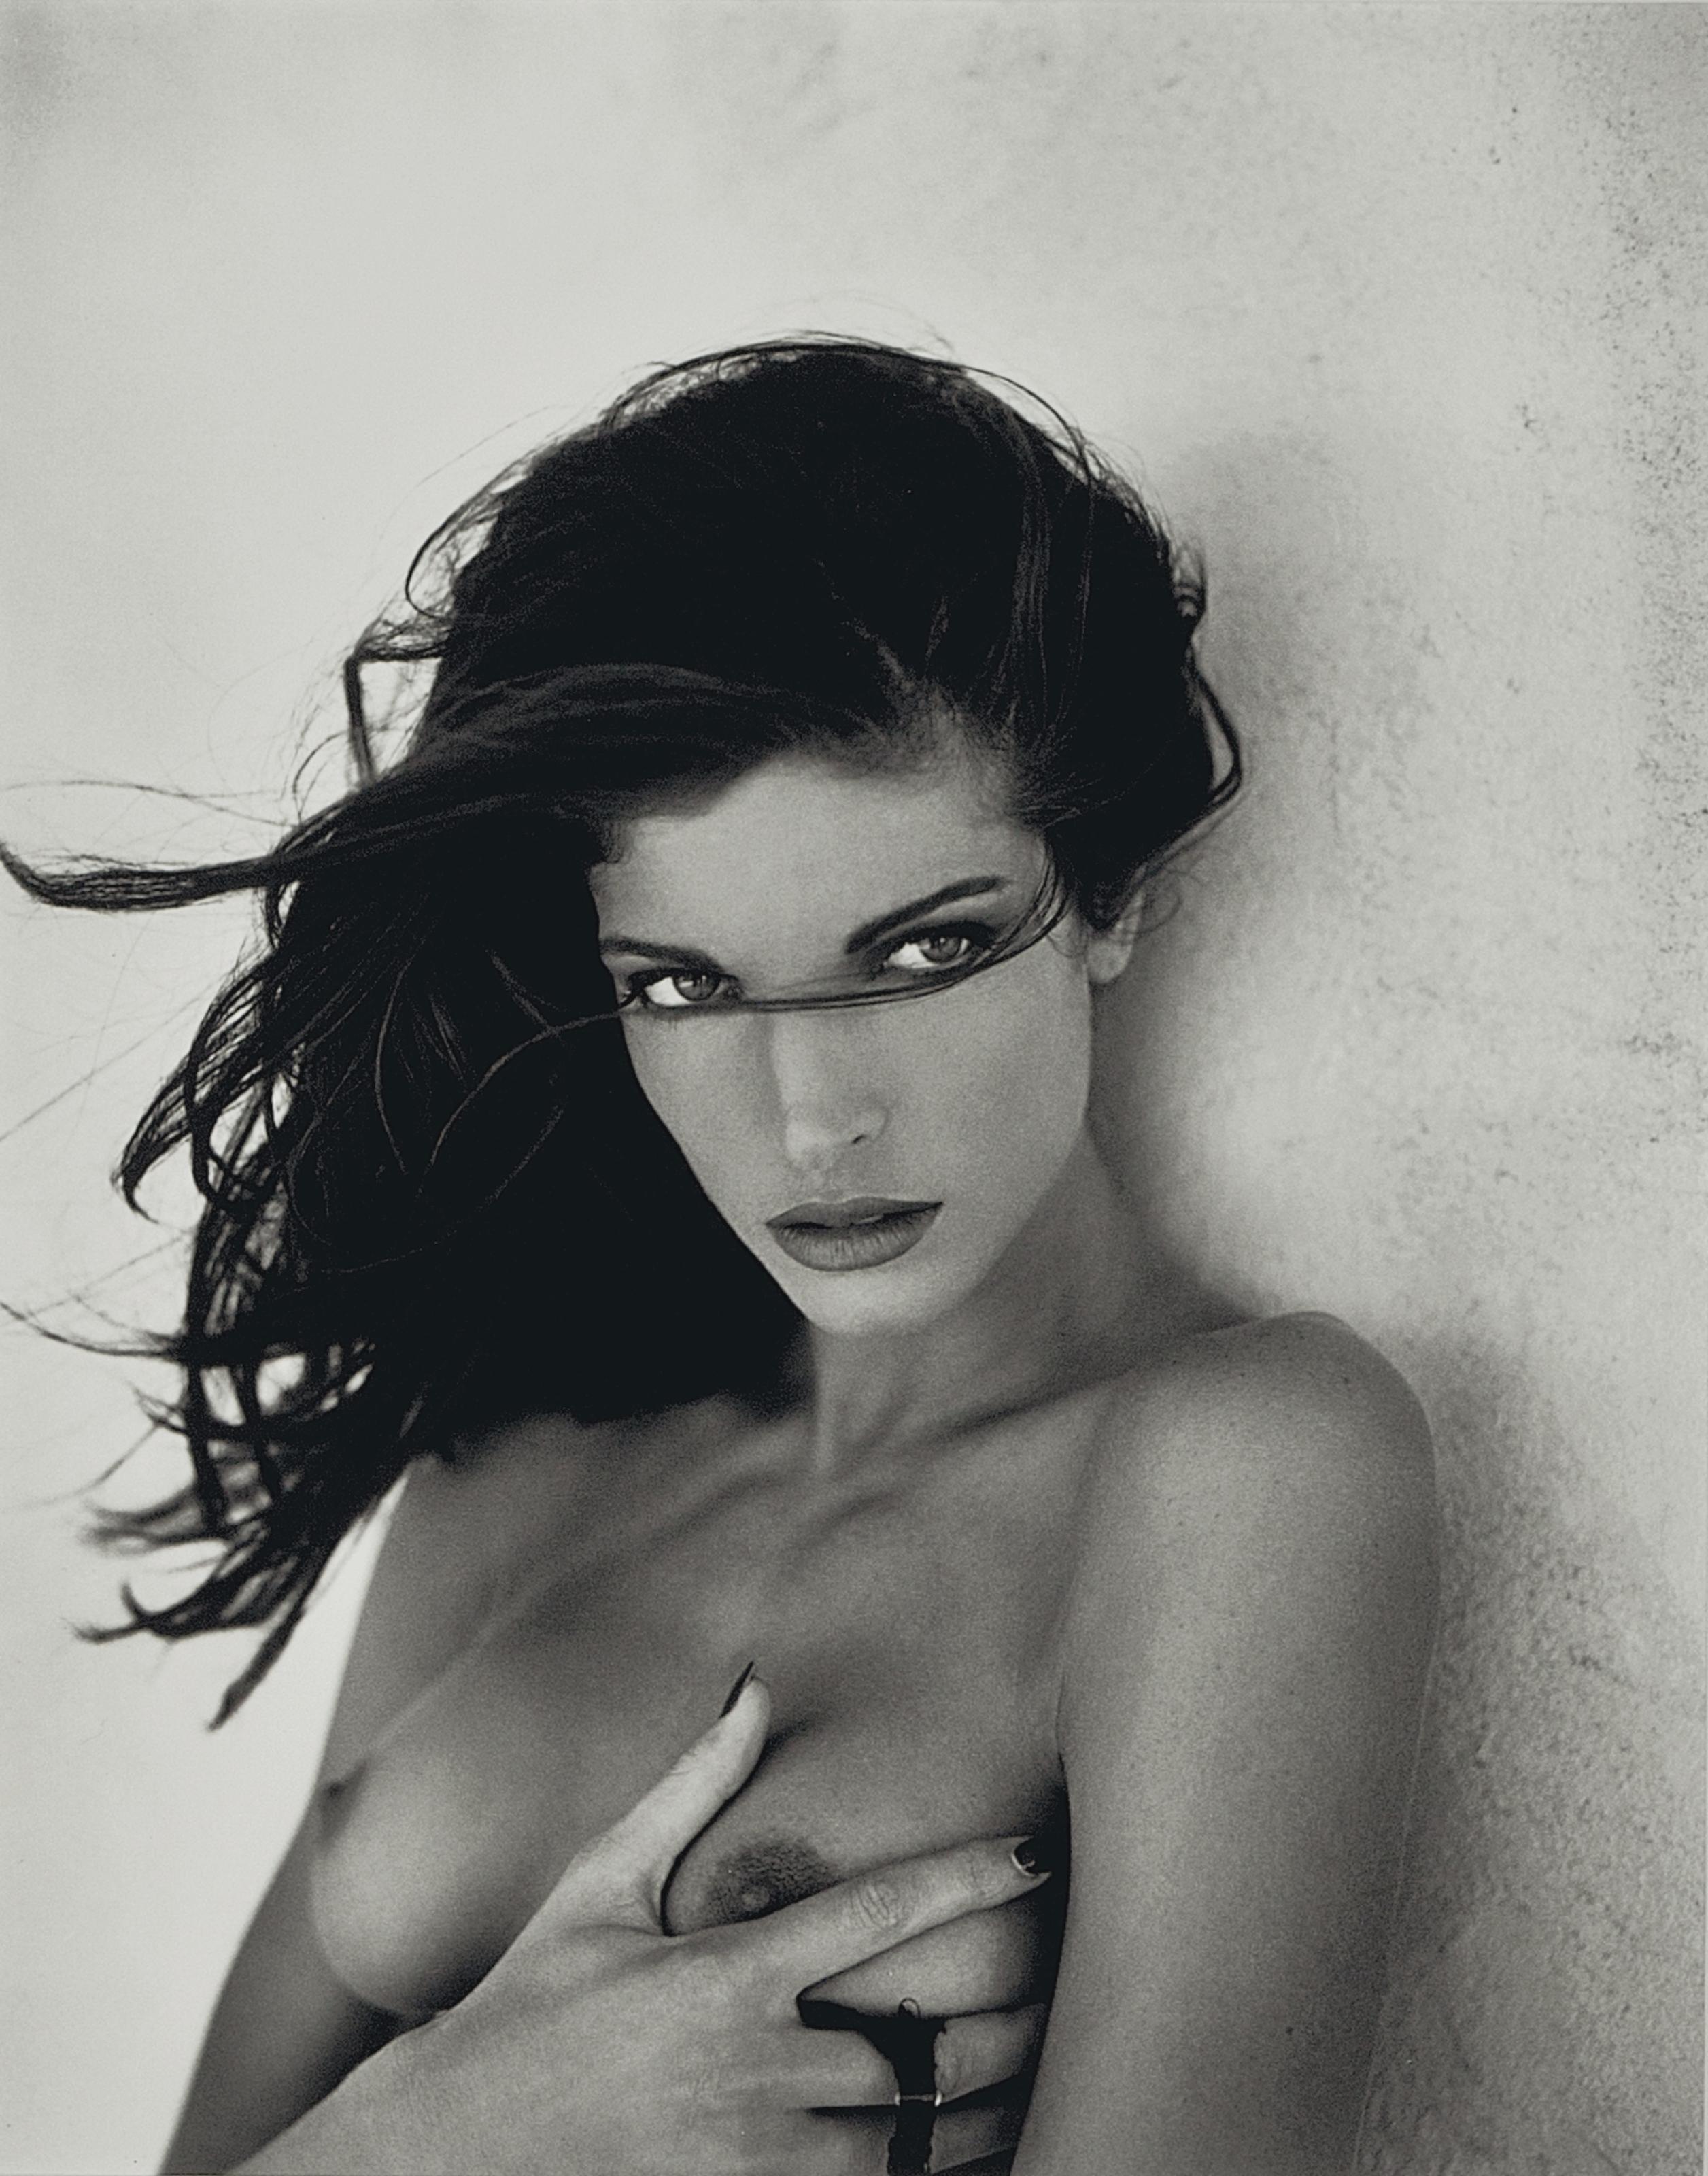 Stephanie Seymour for 'Playboy', 1992